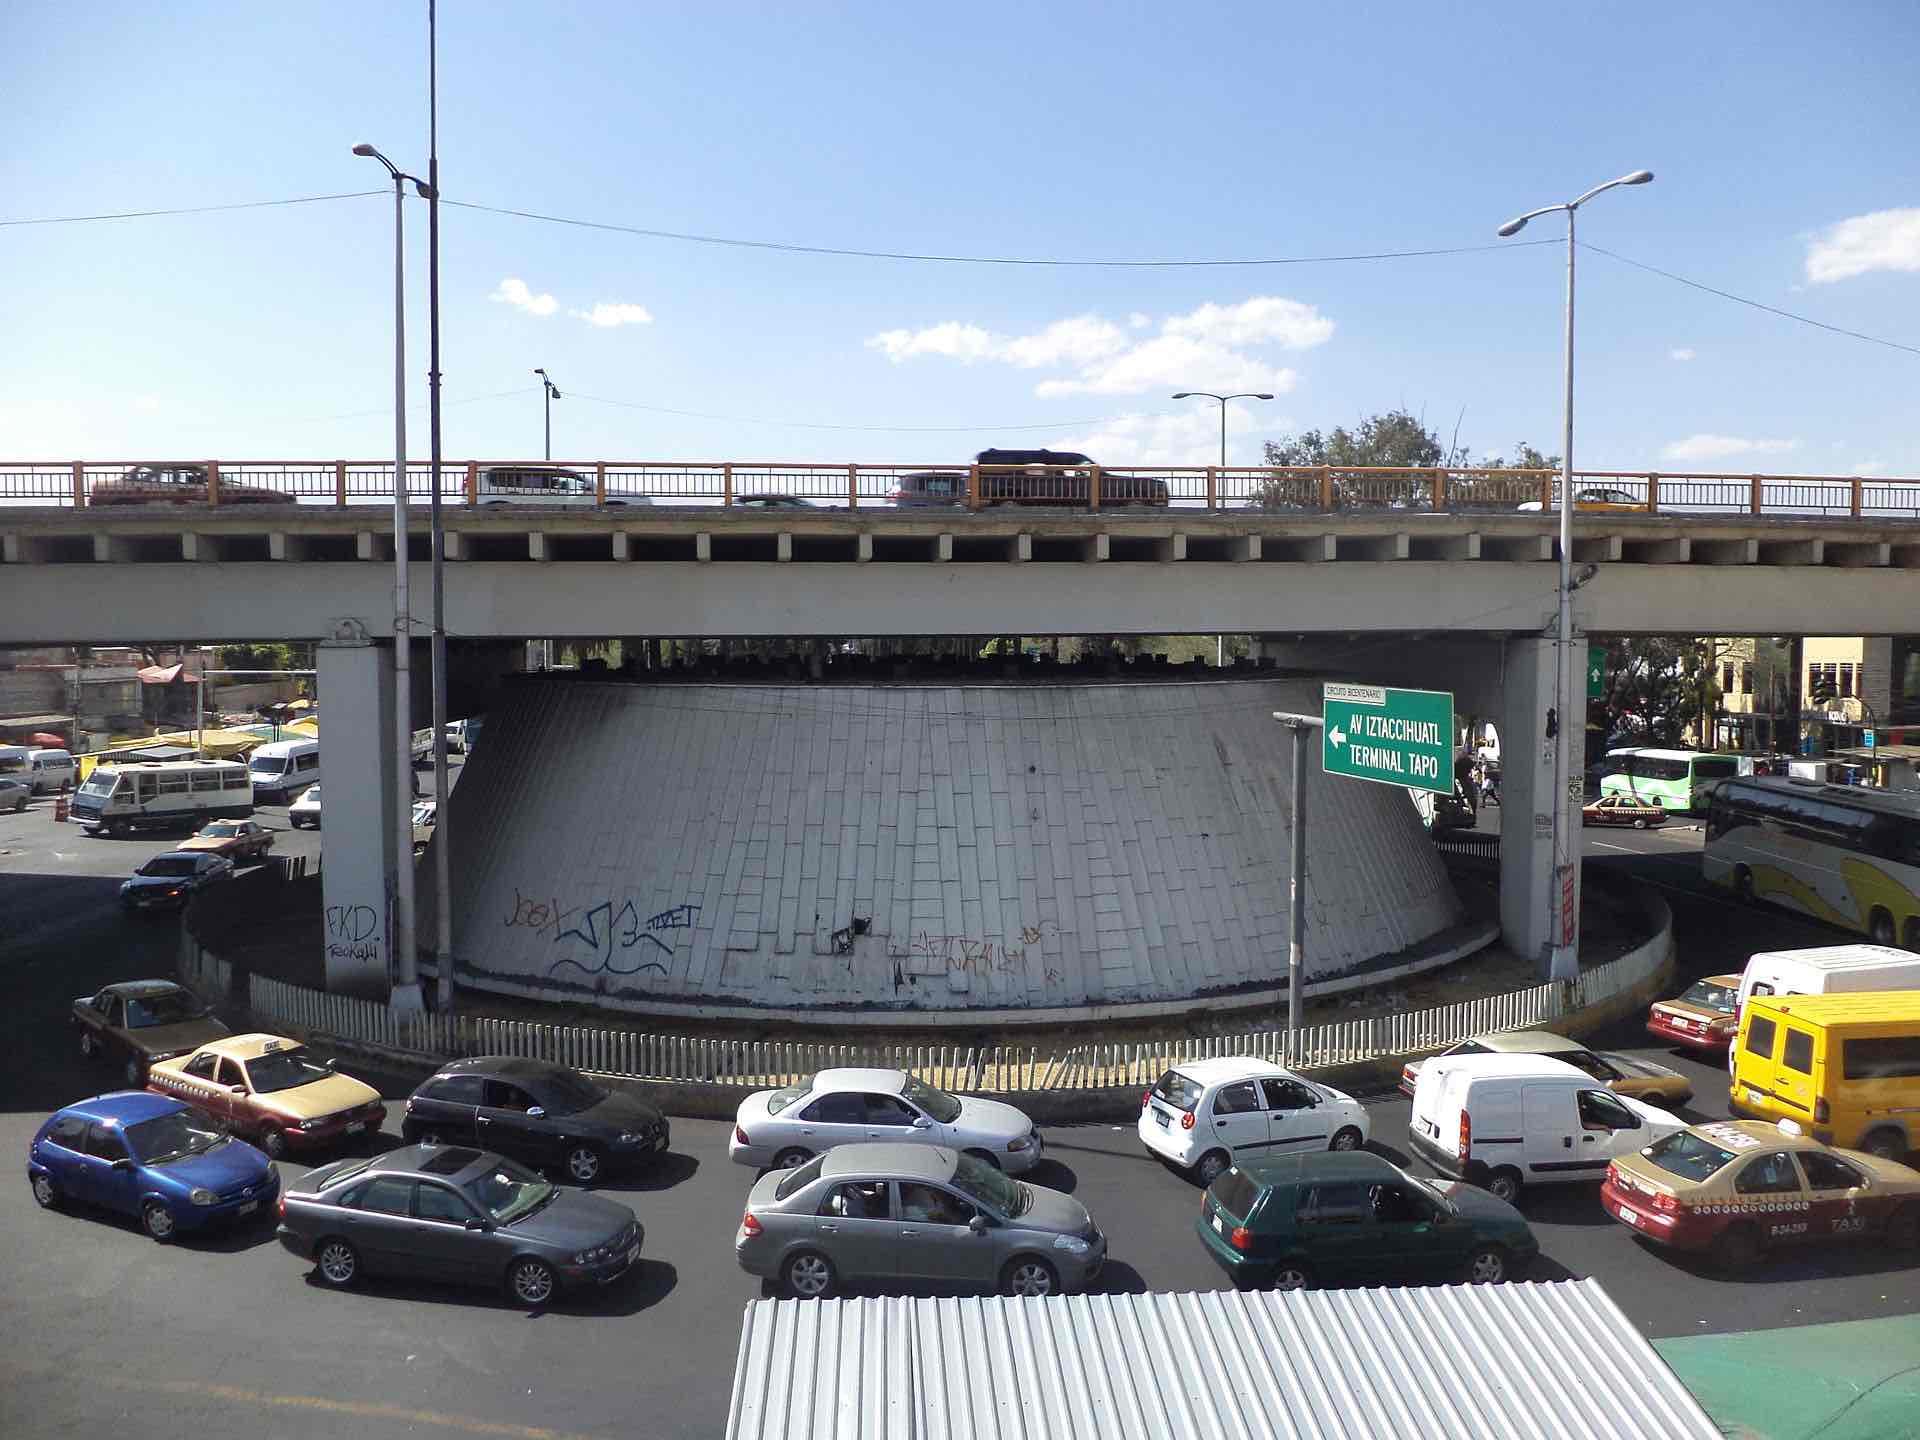 Misterio rodea proyecto de viaducto de US$400mn en Ciudad de México